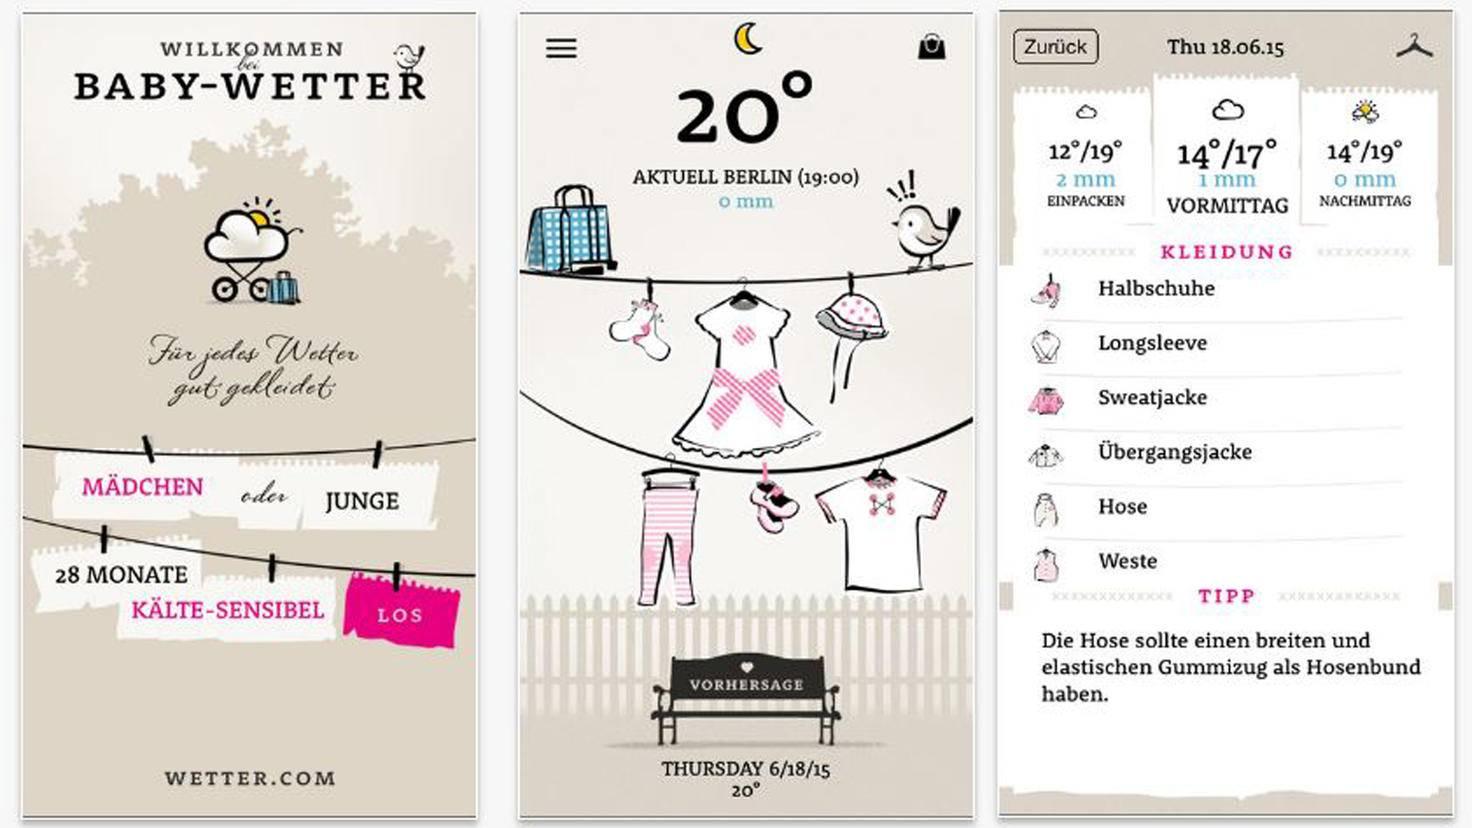 Rund Ums Baby App